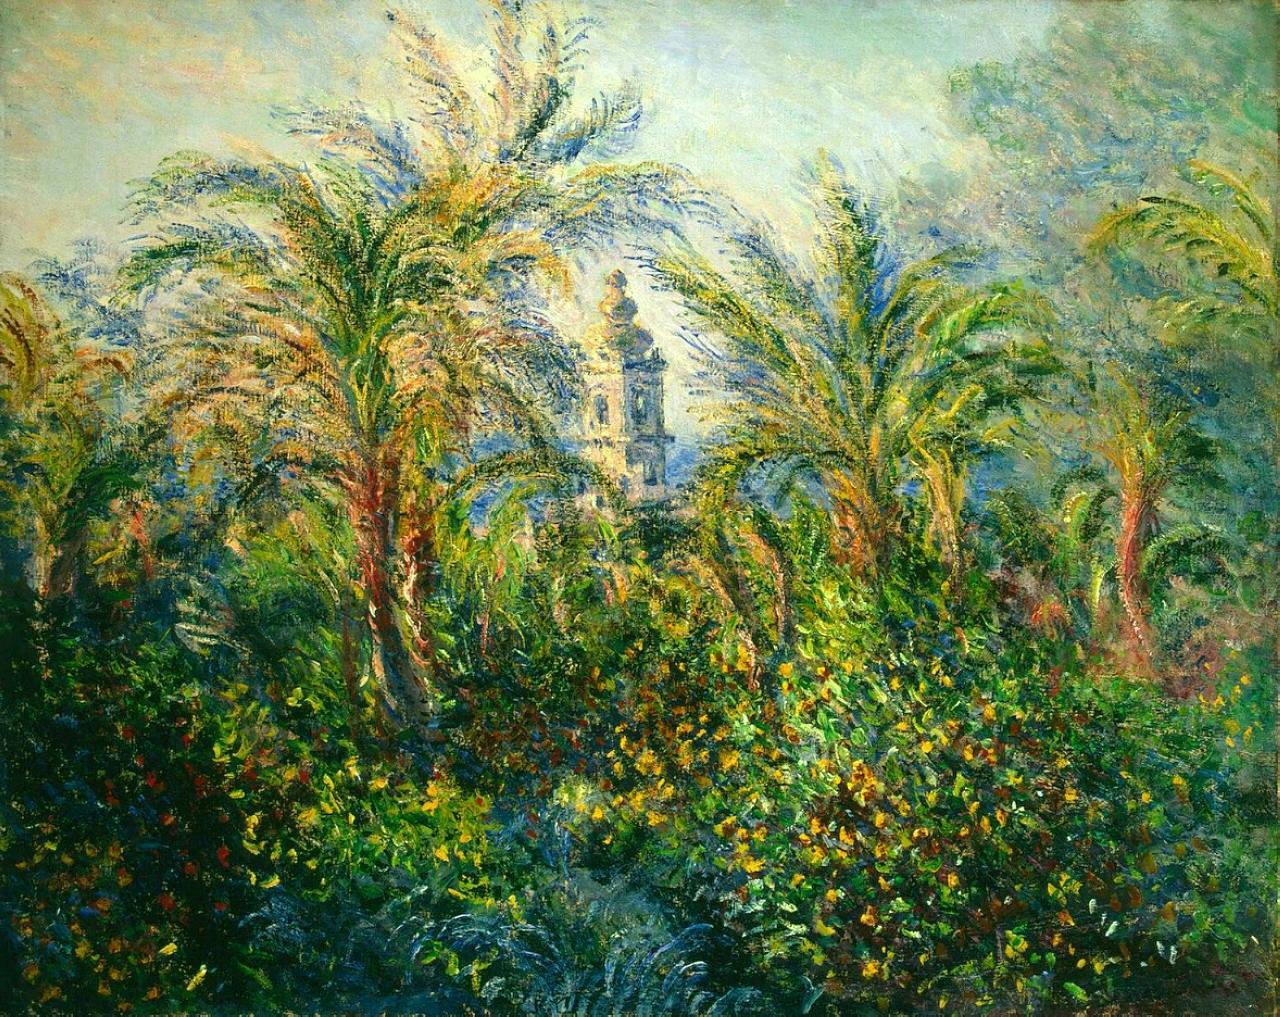 южные пейзажи < Сад в Бордигере, утро >:: Клод Моне, описание картины - Claude Monet фото